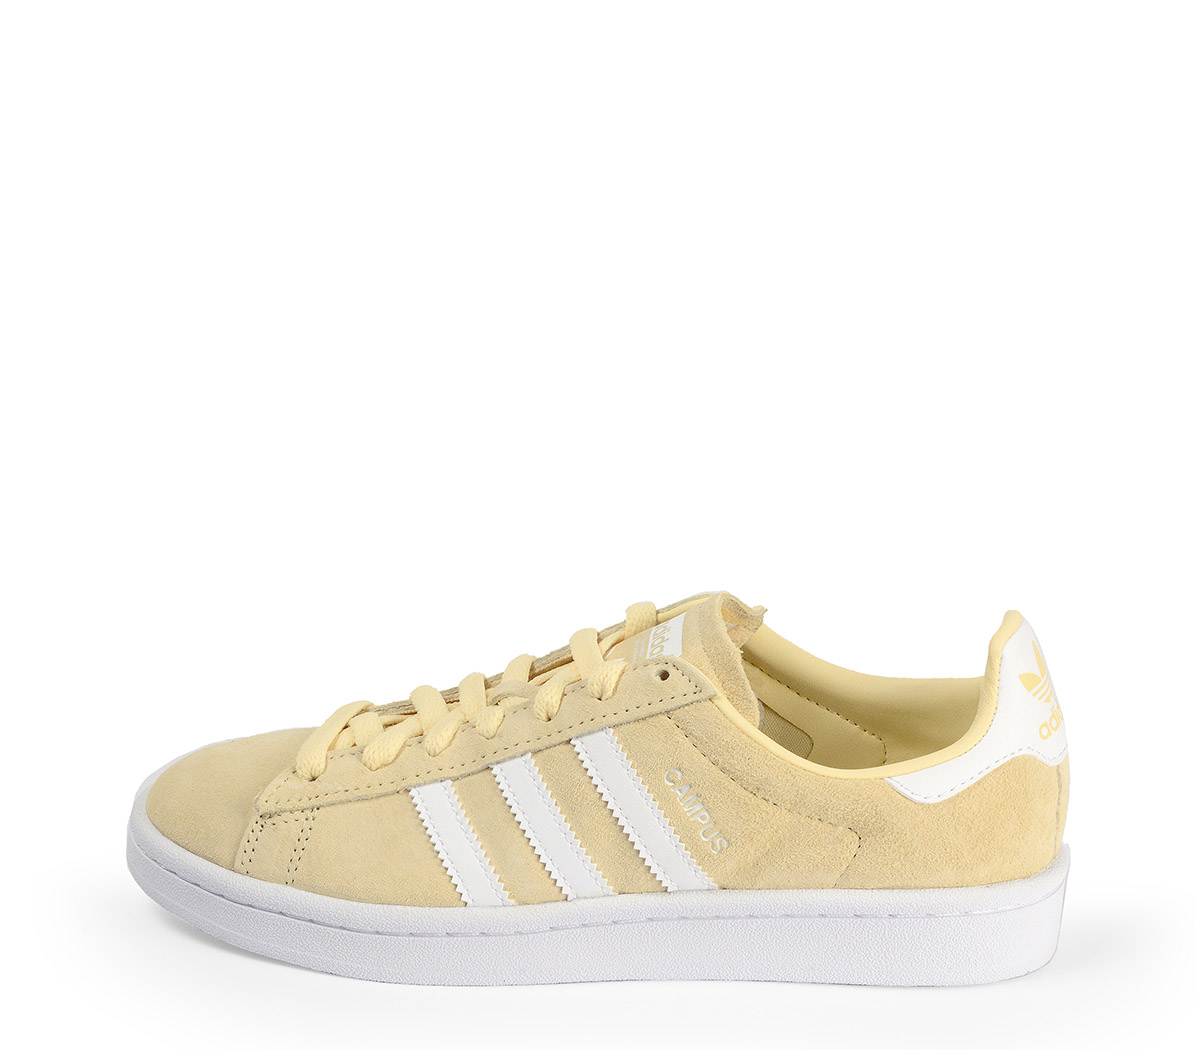 Ref: 3781 Adidas Campus serraje amarillo pastel con detalles en color blanco. Suela blanca. Cordones al tono.